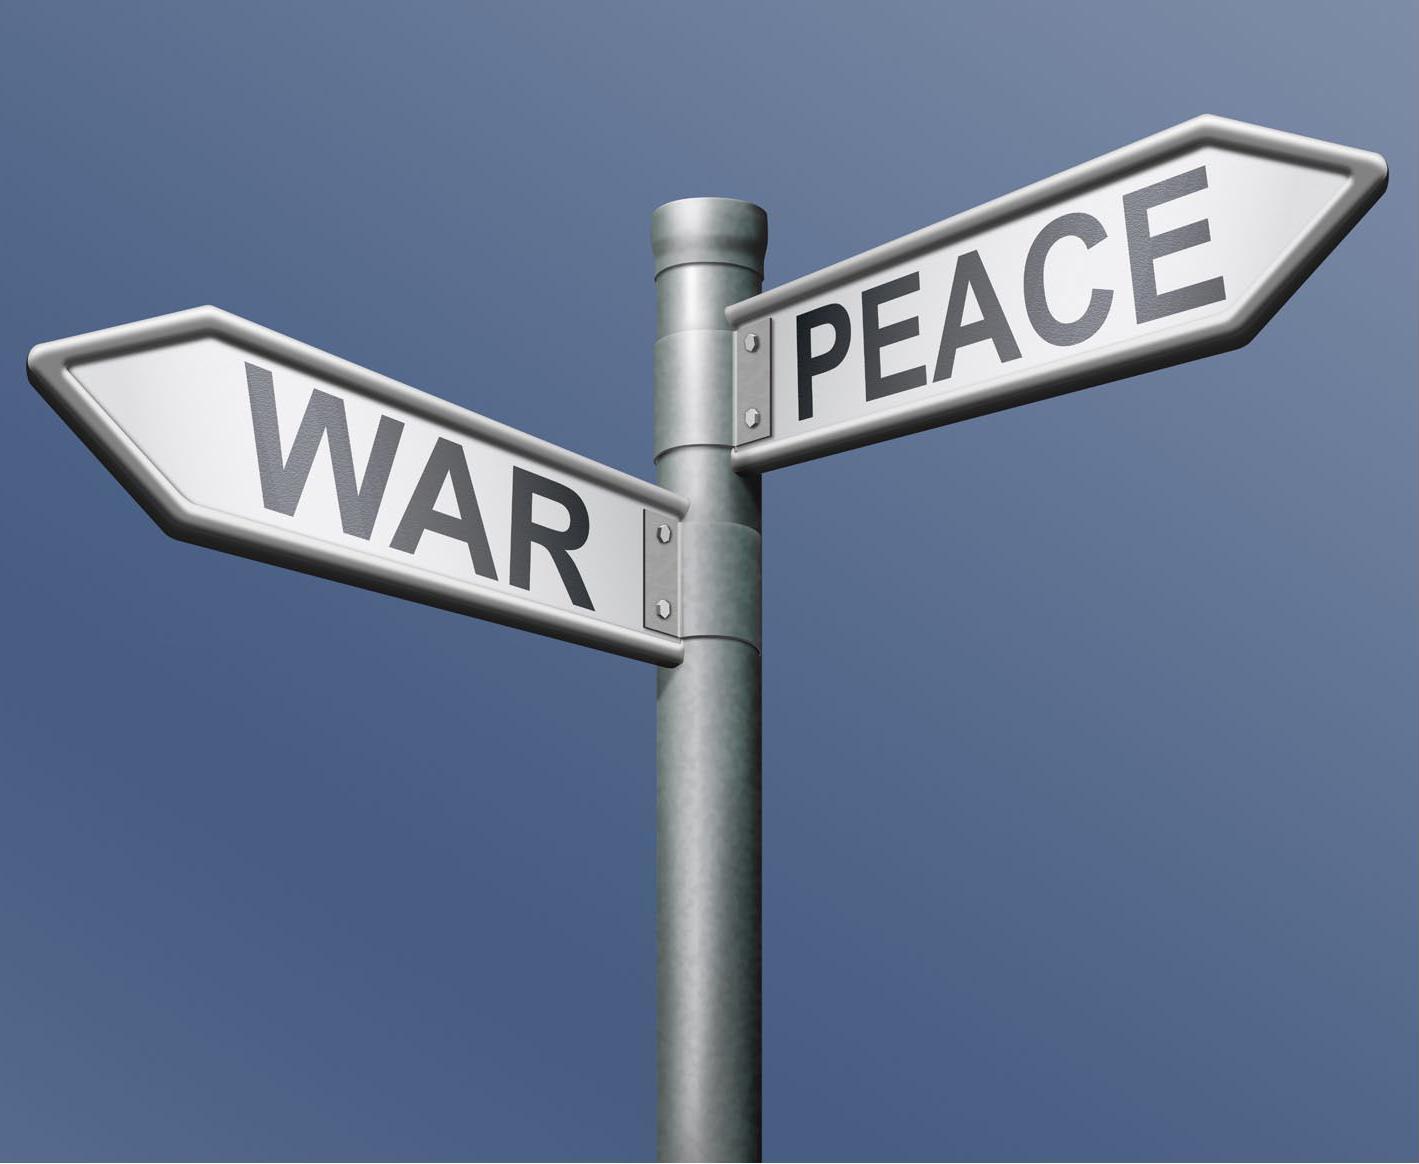 guerra pace